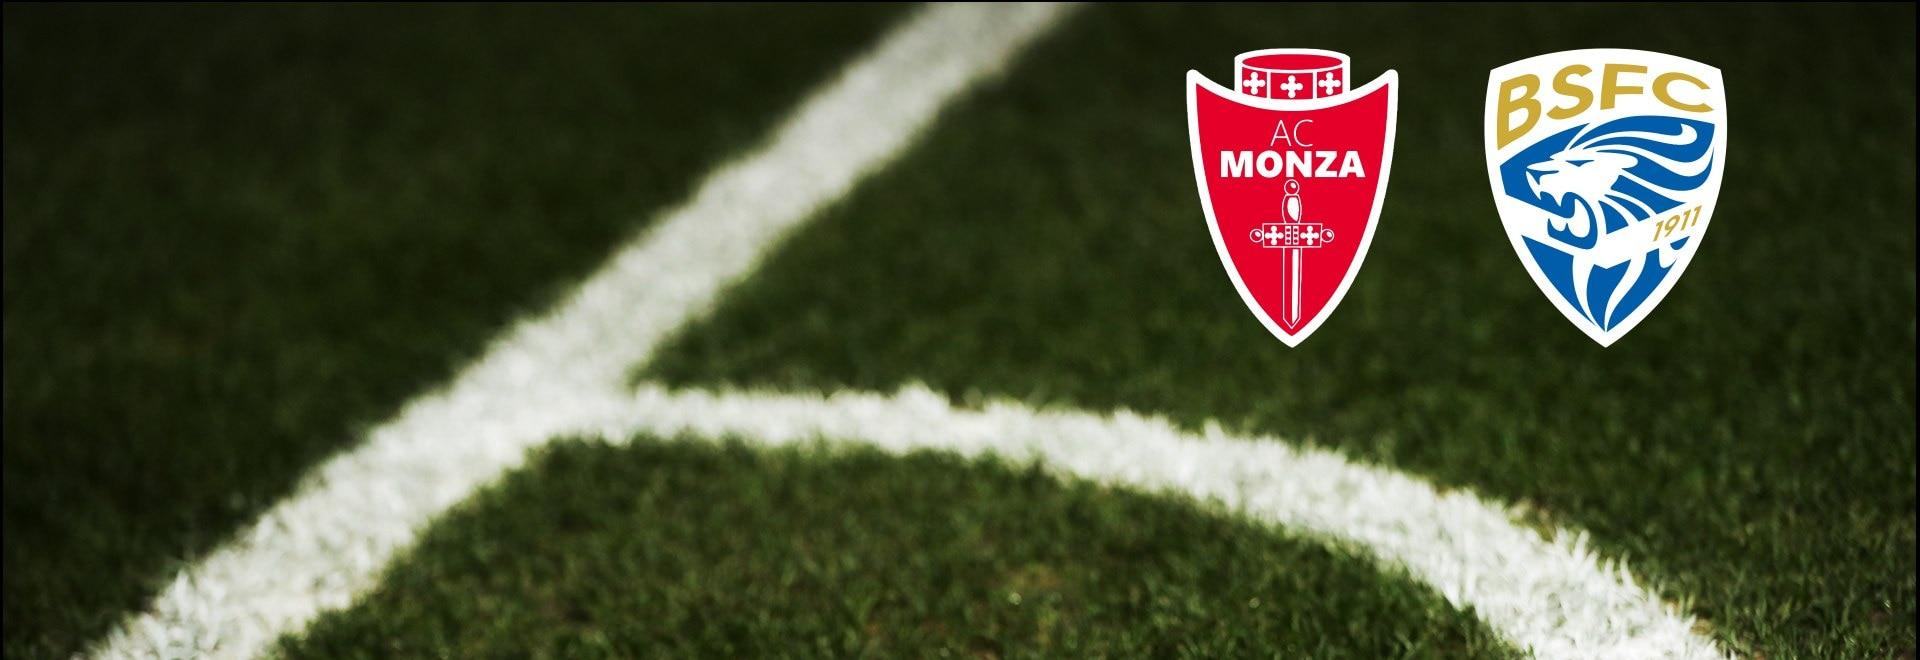 Monza - Brescia. 38a g.